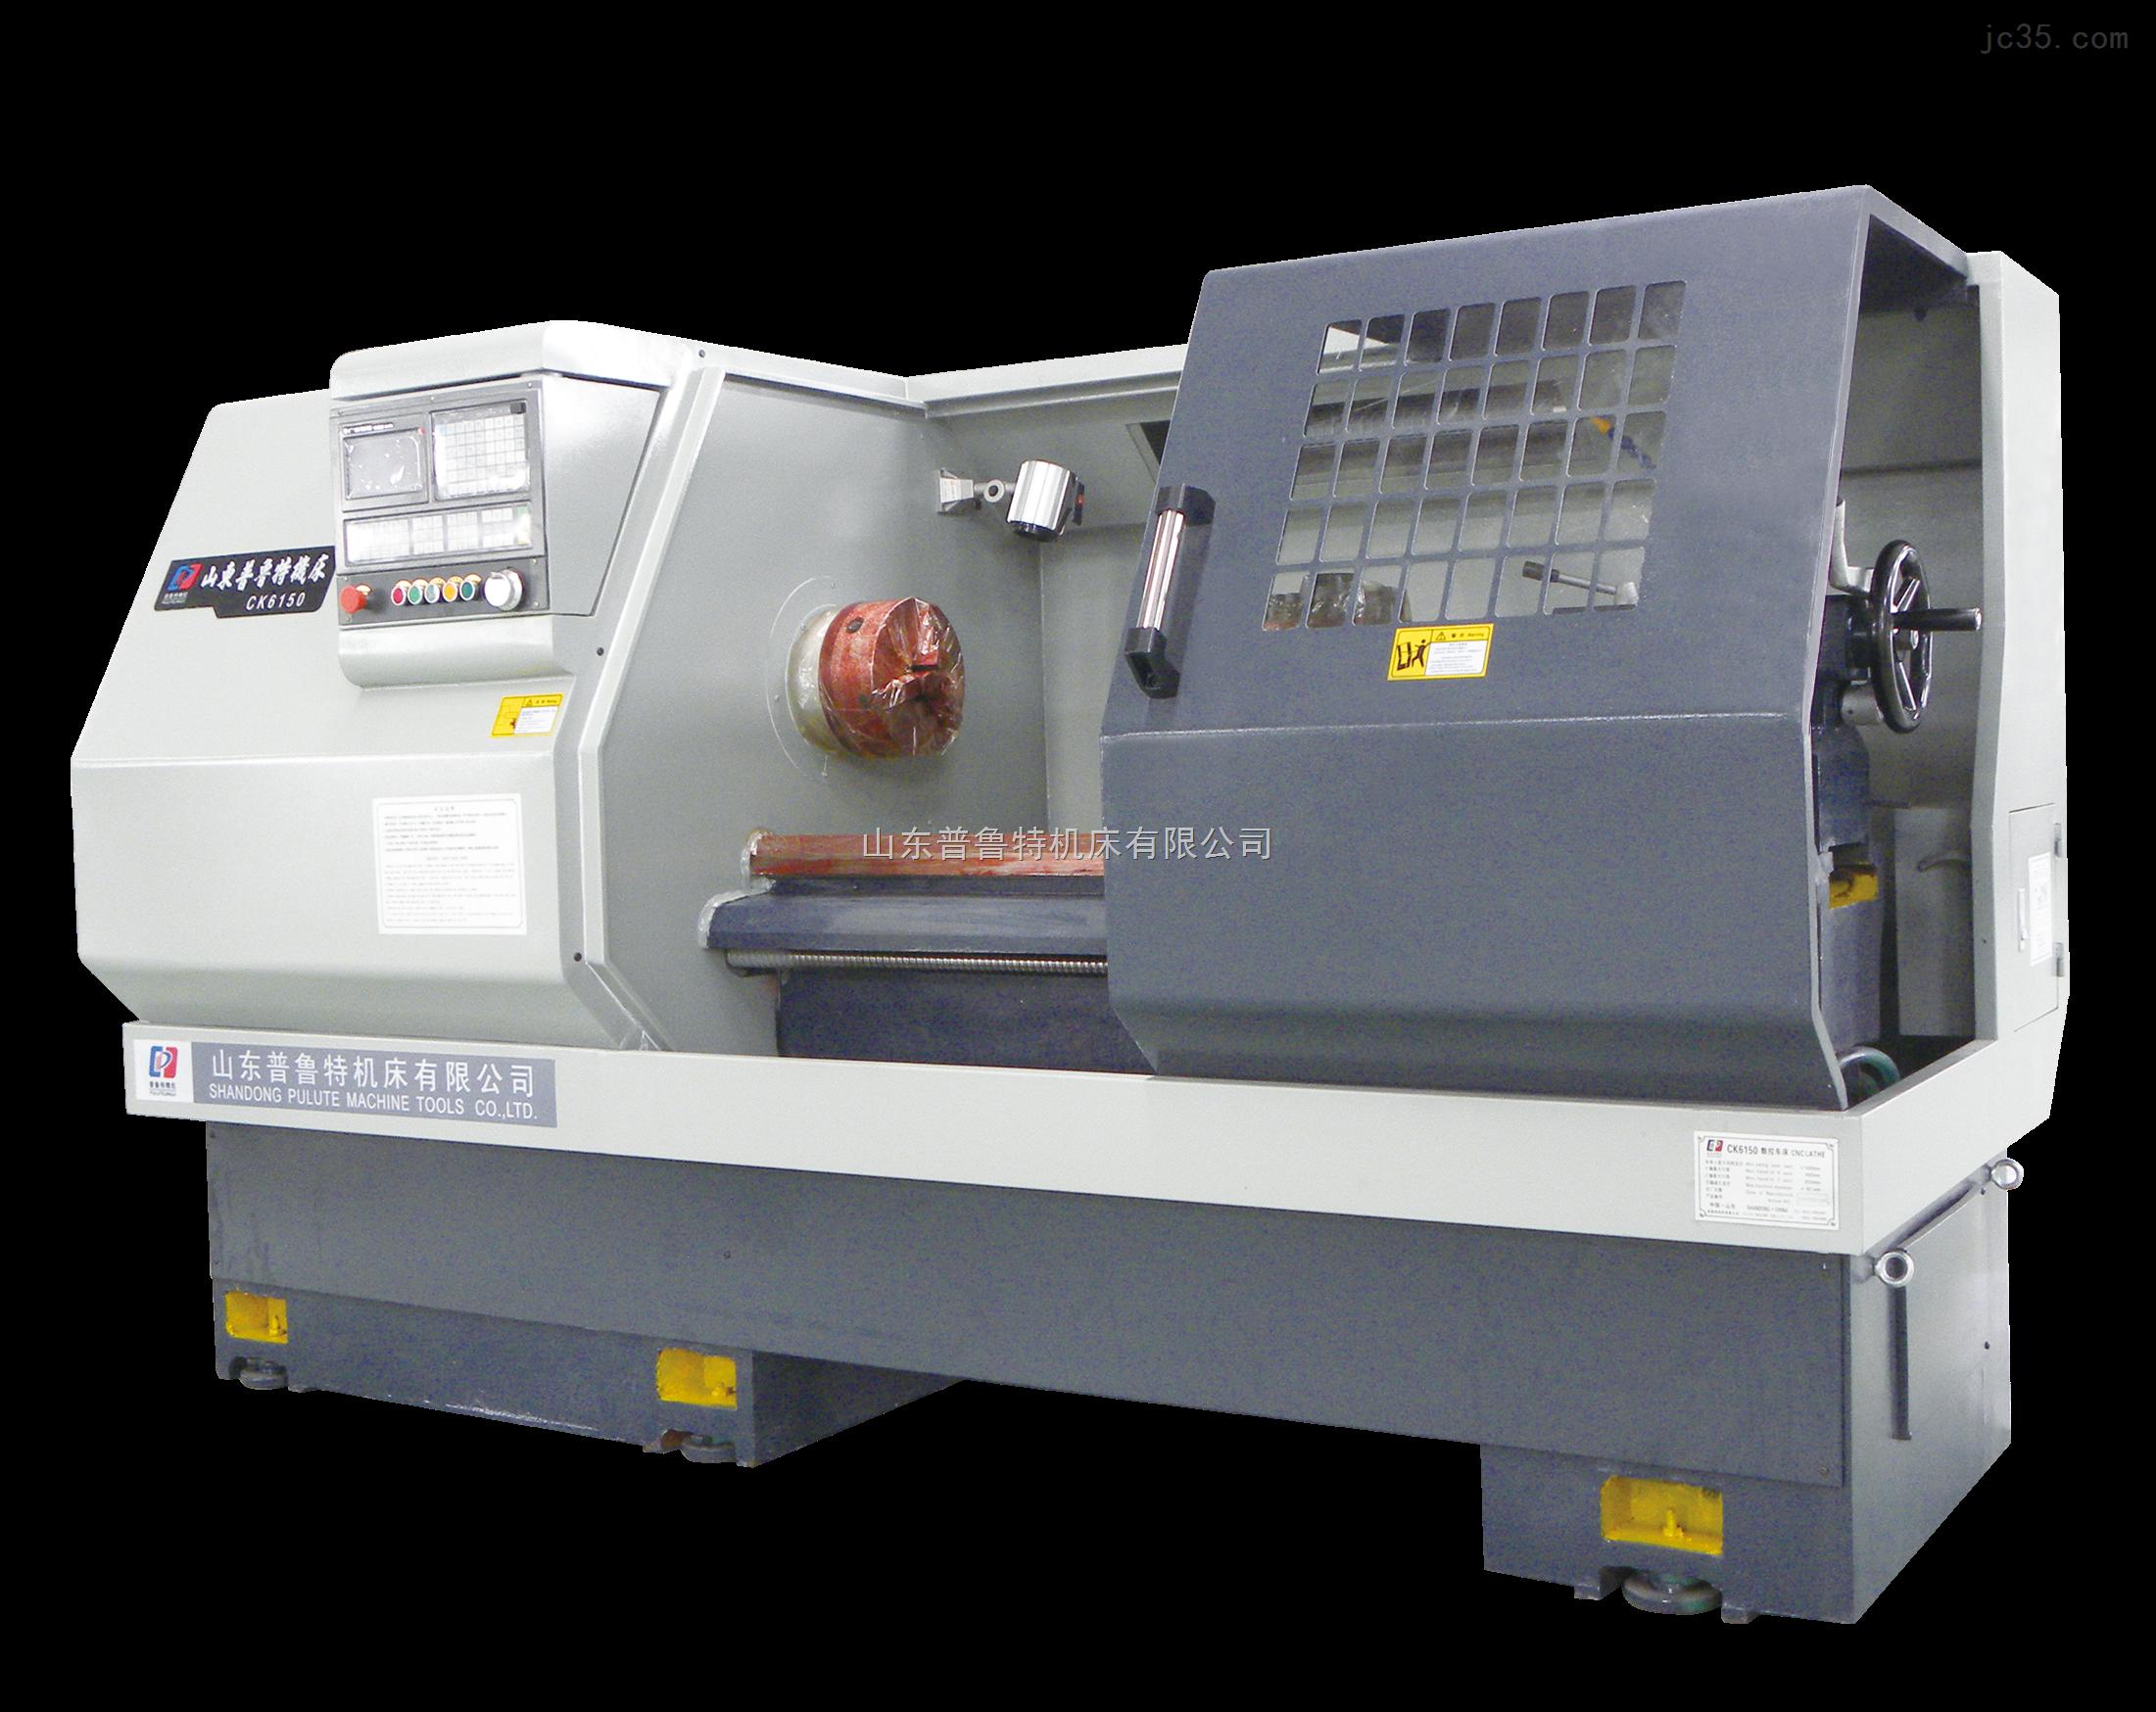 厂热销ck6150精密数控车床 经济型数控机床